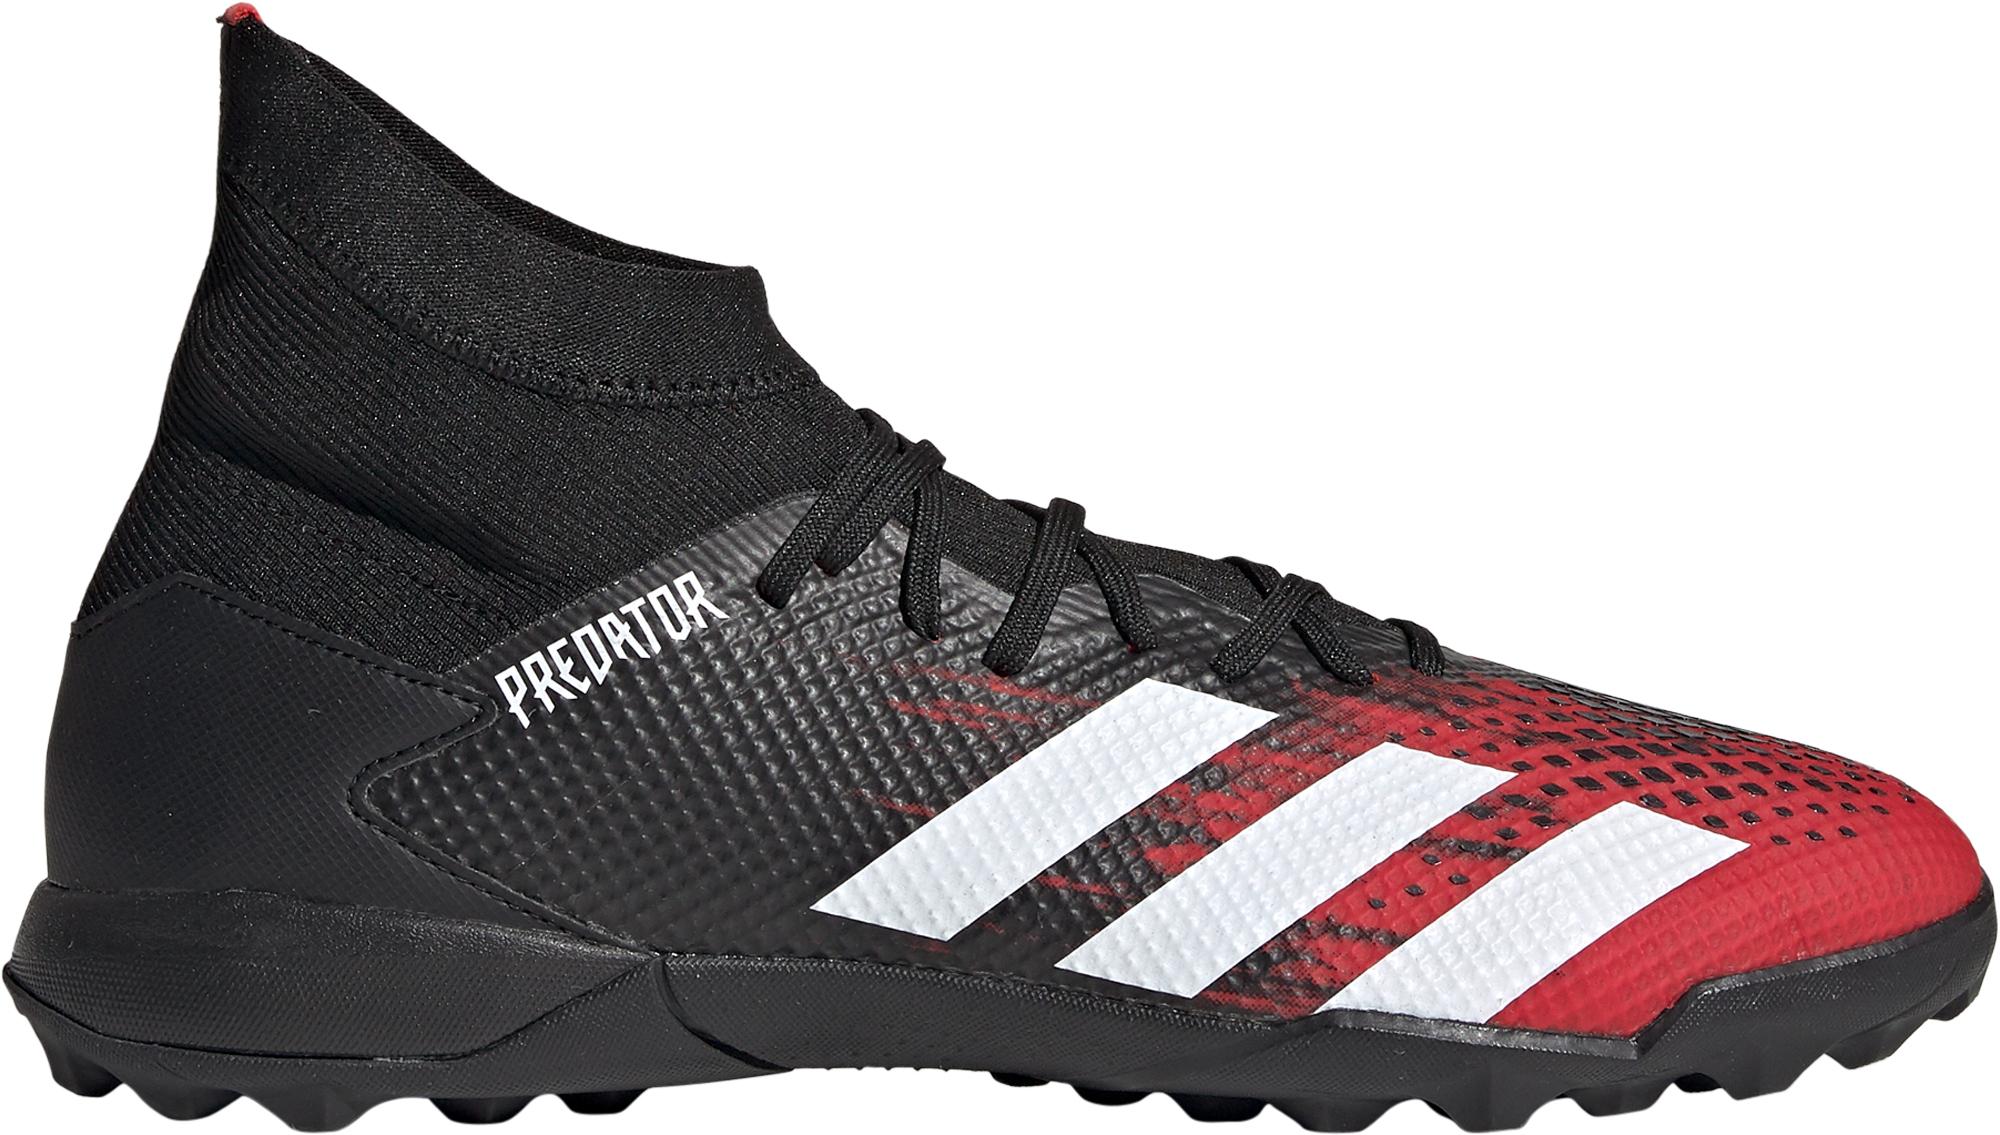 Adidas Бутсы мужские Adidas Predator 20.3 TF, размер 42